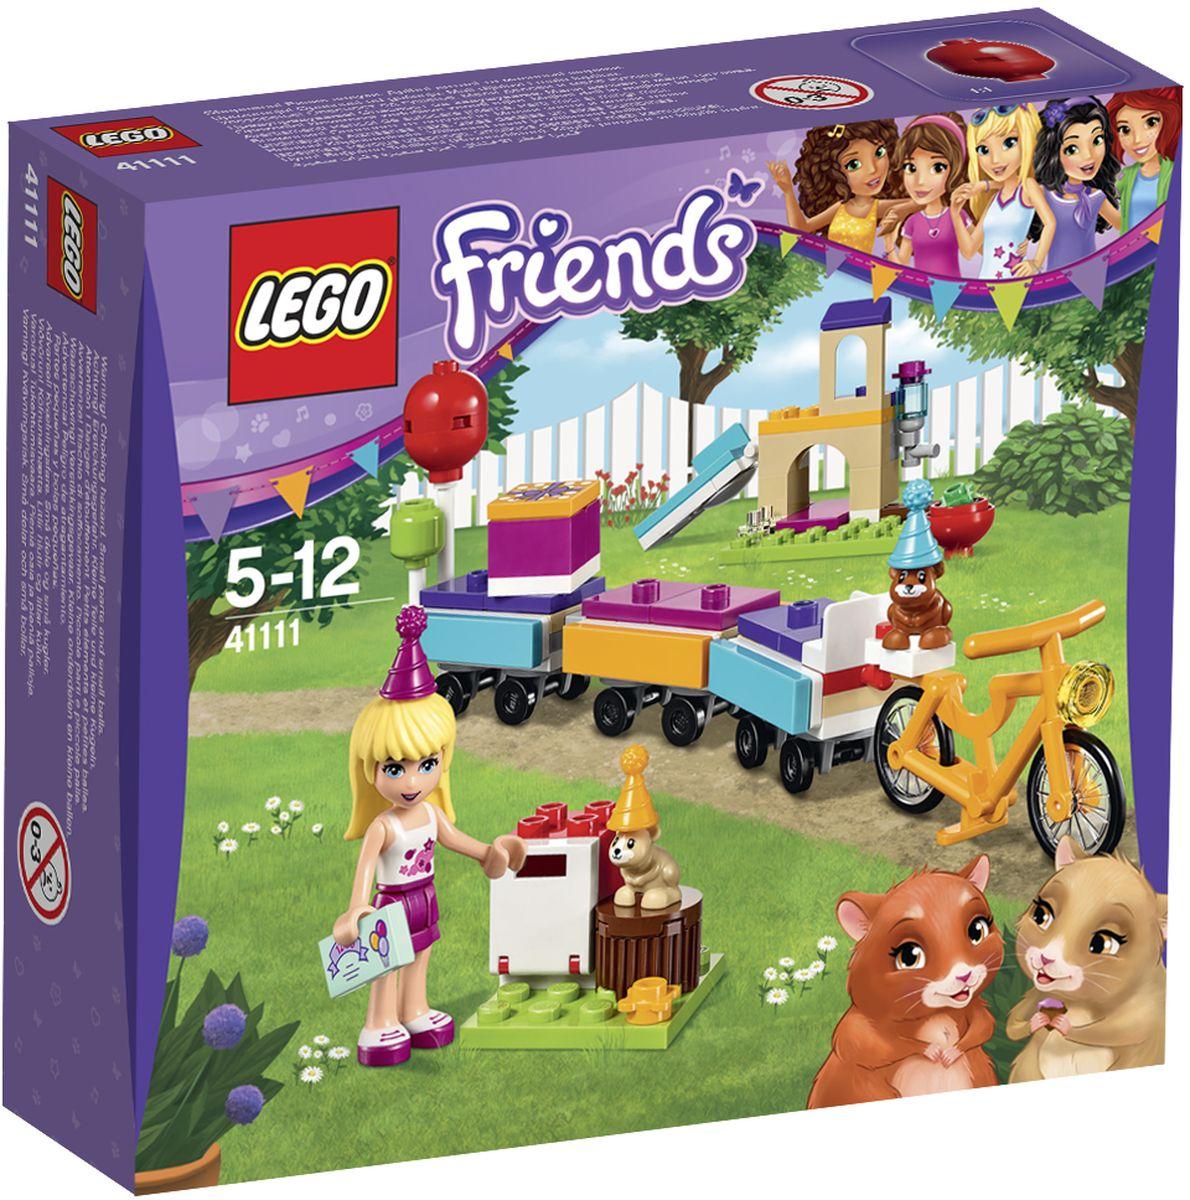 LEGO Friends Конструктор День рождения Велосипед 4111141111Посмотрите в почтовом ящике - хомяки Хайди и Гарри были приглашены на вечеринку по случаю дня рождения! Стефани прикрепила тележки к своему велосипеду и загружает их воздушными шарами, подарками на день рождения и праздничными колпаками, пока хомяки веселятся на игровой площадке. Теперь пришло время для крошечных хомячков прыгнуть в паровозик для вечеринки и уехать! Набор включает в себя 109 разноцветных пластиковых элементов. Конструктор - это один из самых увлекательнейших и веселых способов времяпрепровождения. Ребенок сможет часами играть с конструктором, придумывая различные ситуации и истории.